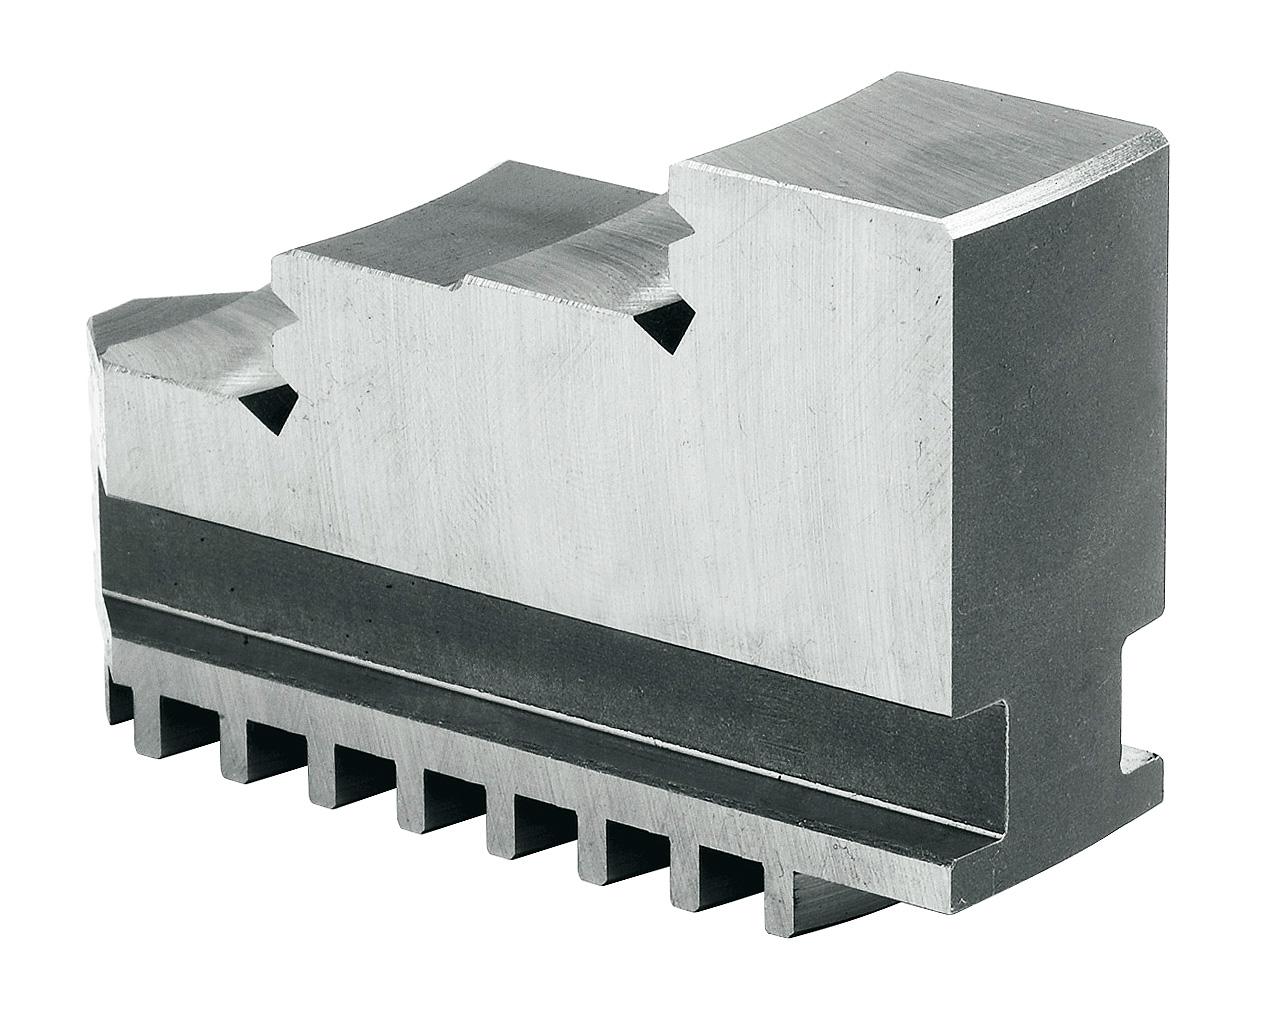 Szczęki jednolite twarde wewnętrzne - komplet IJ-PS4-125 BERNARDO